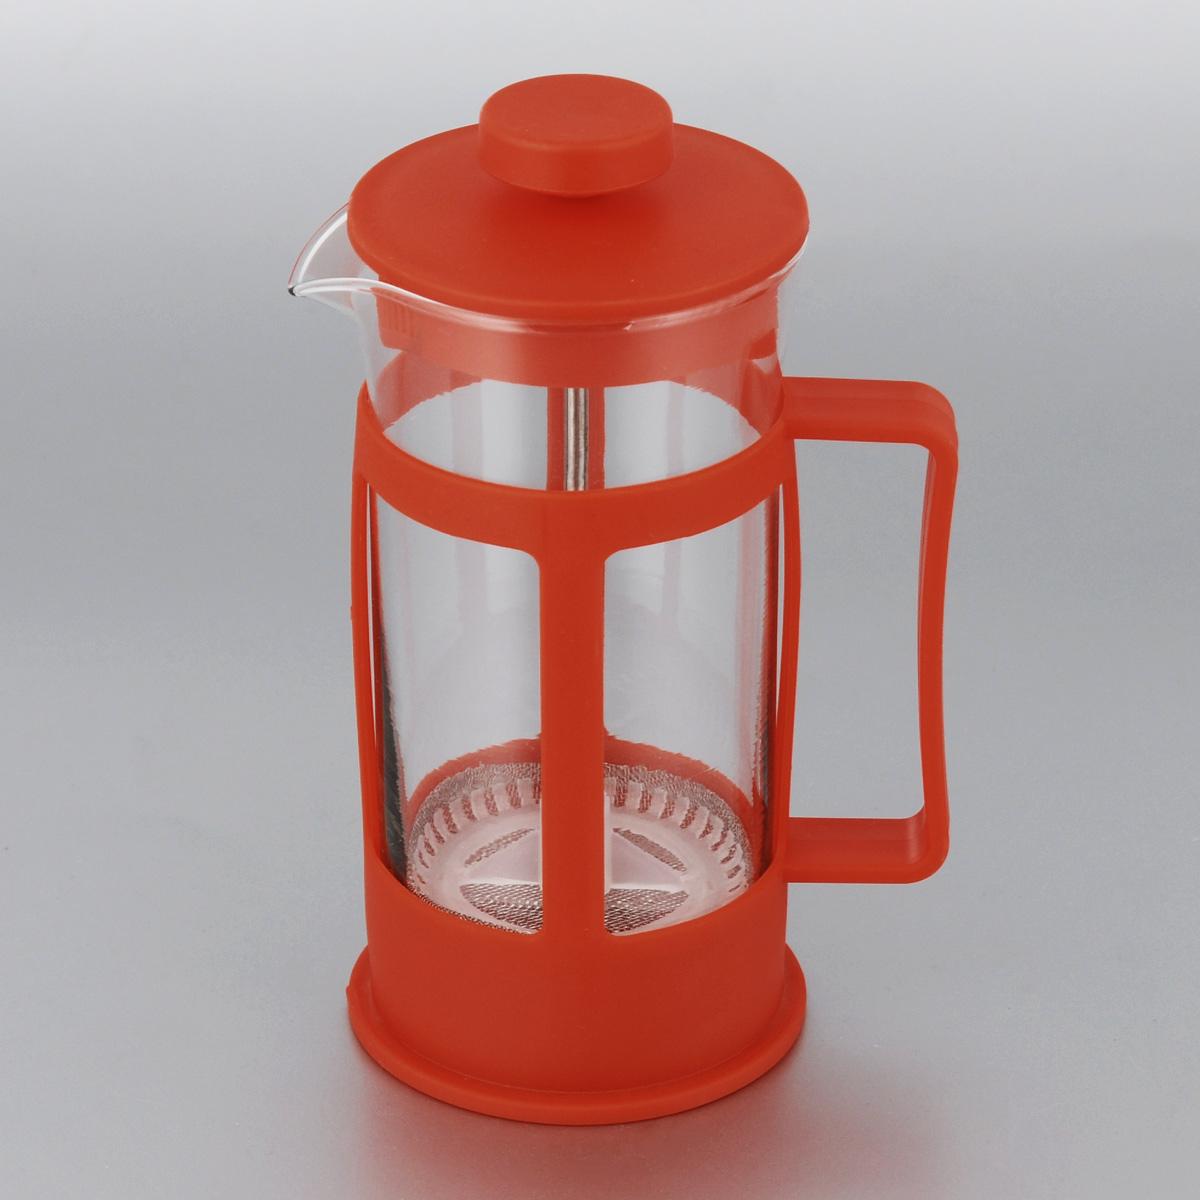 Кофейник МФК-профит, цвет: красный, 300 мл300B-1Френч-пресс МФК-профит поможет приготовить вкусный и ароматный чай или кофе. Корпус выполнен из высококачественного термостойкого пластика, а колба - из жаропрочного боросиликатного стекла. Чайник снабжен фильтром из метала с пластиковым элементом и удобной ручкой. Не рекомендуется использовать в посудомоечной машине и в микроволновой печи. Диаметр (по верхнему краю): 7 см. Высота чайника (без учета крышки): 14 см.